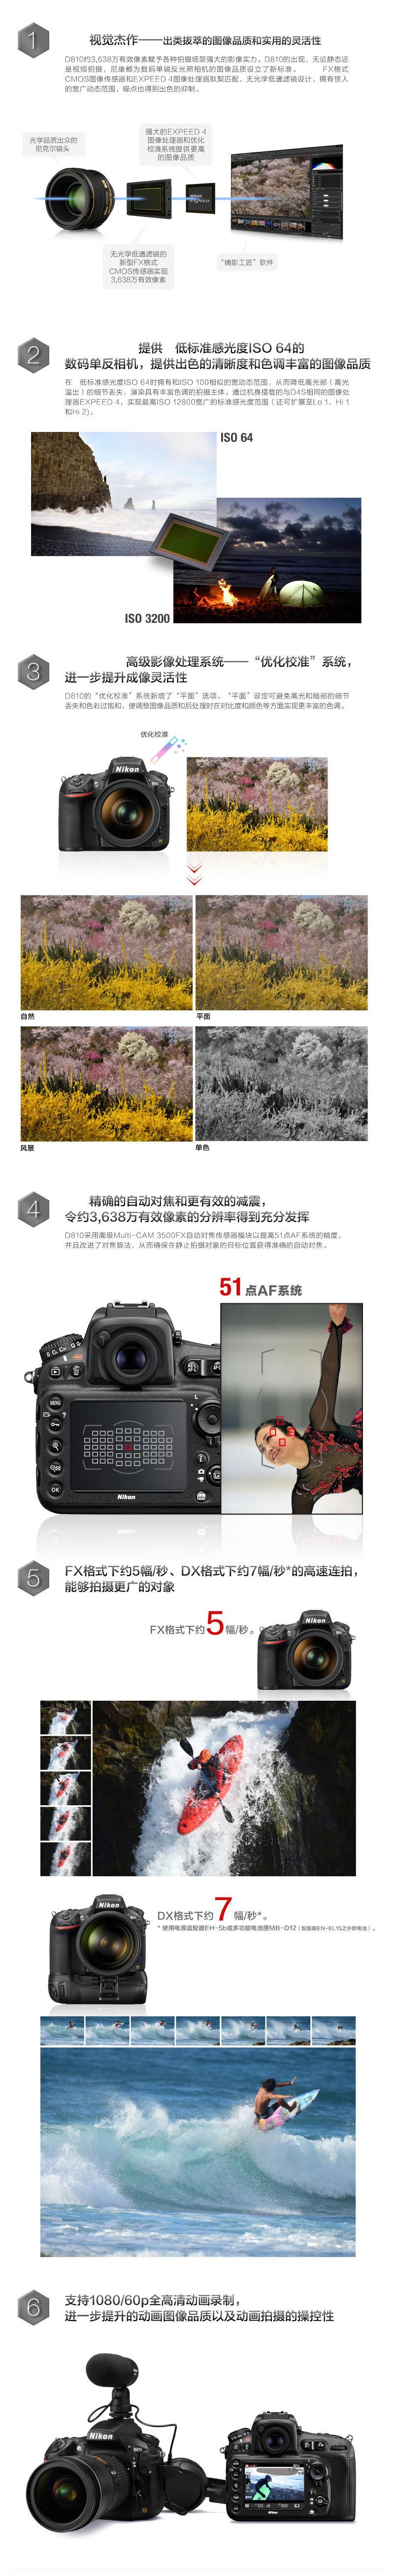 尼康 D810相机 单反数码照相机 全画幅机身 1